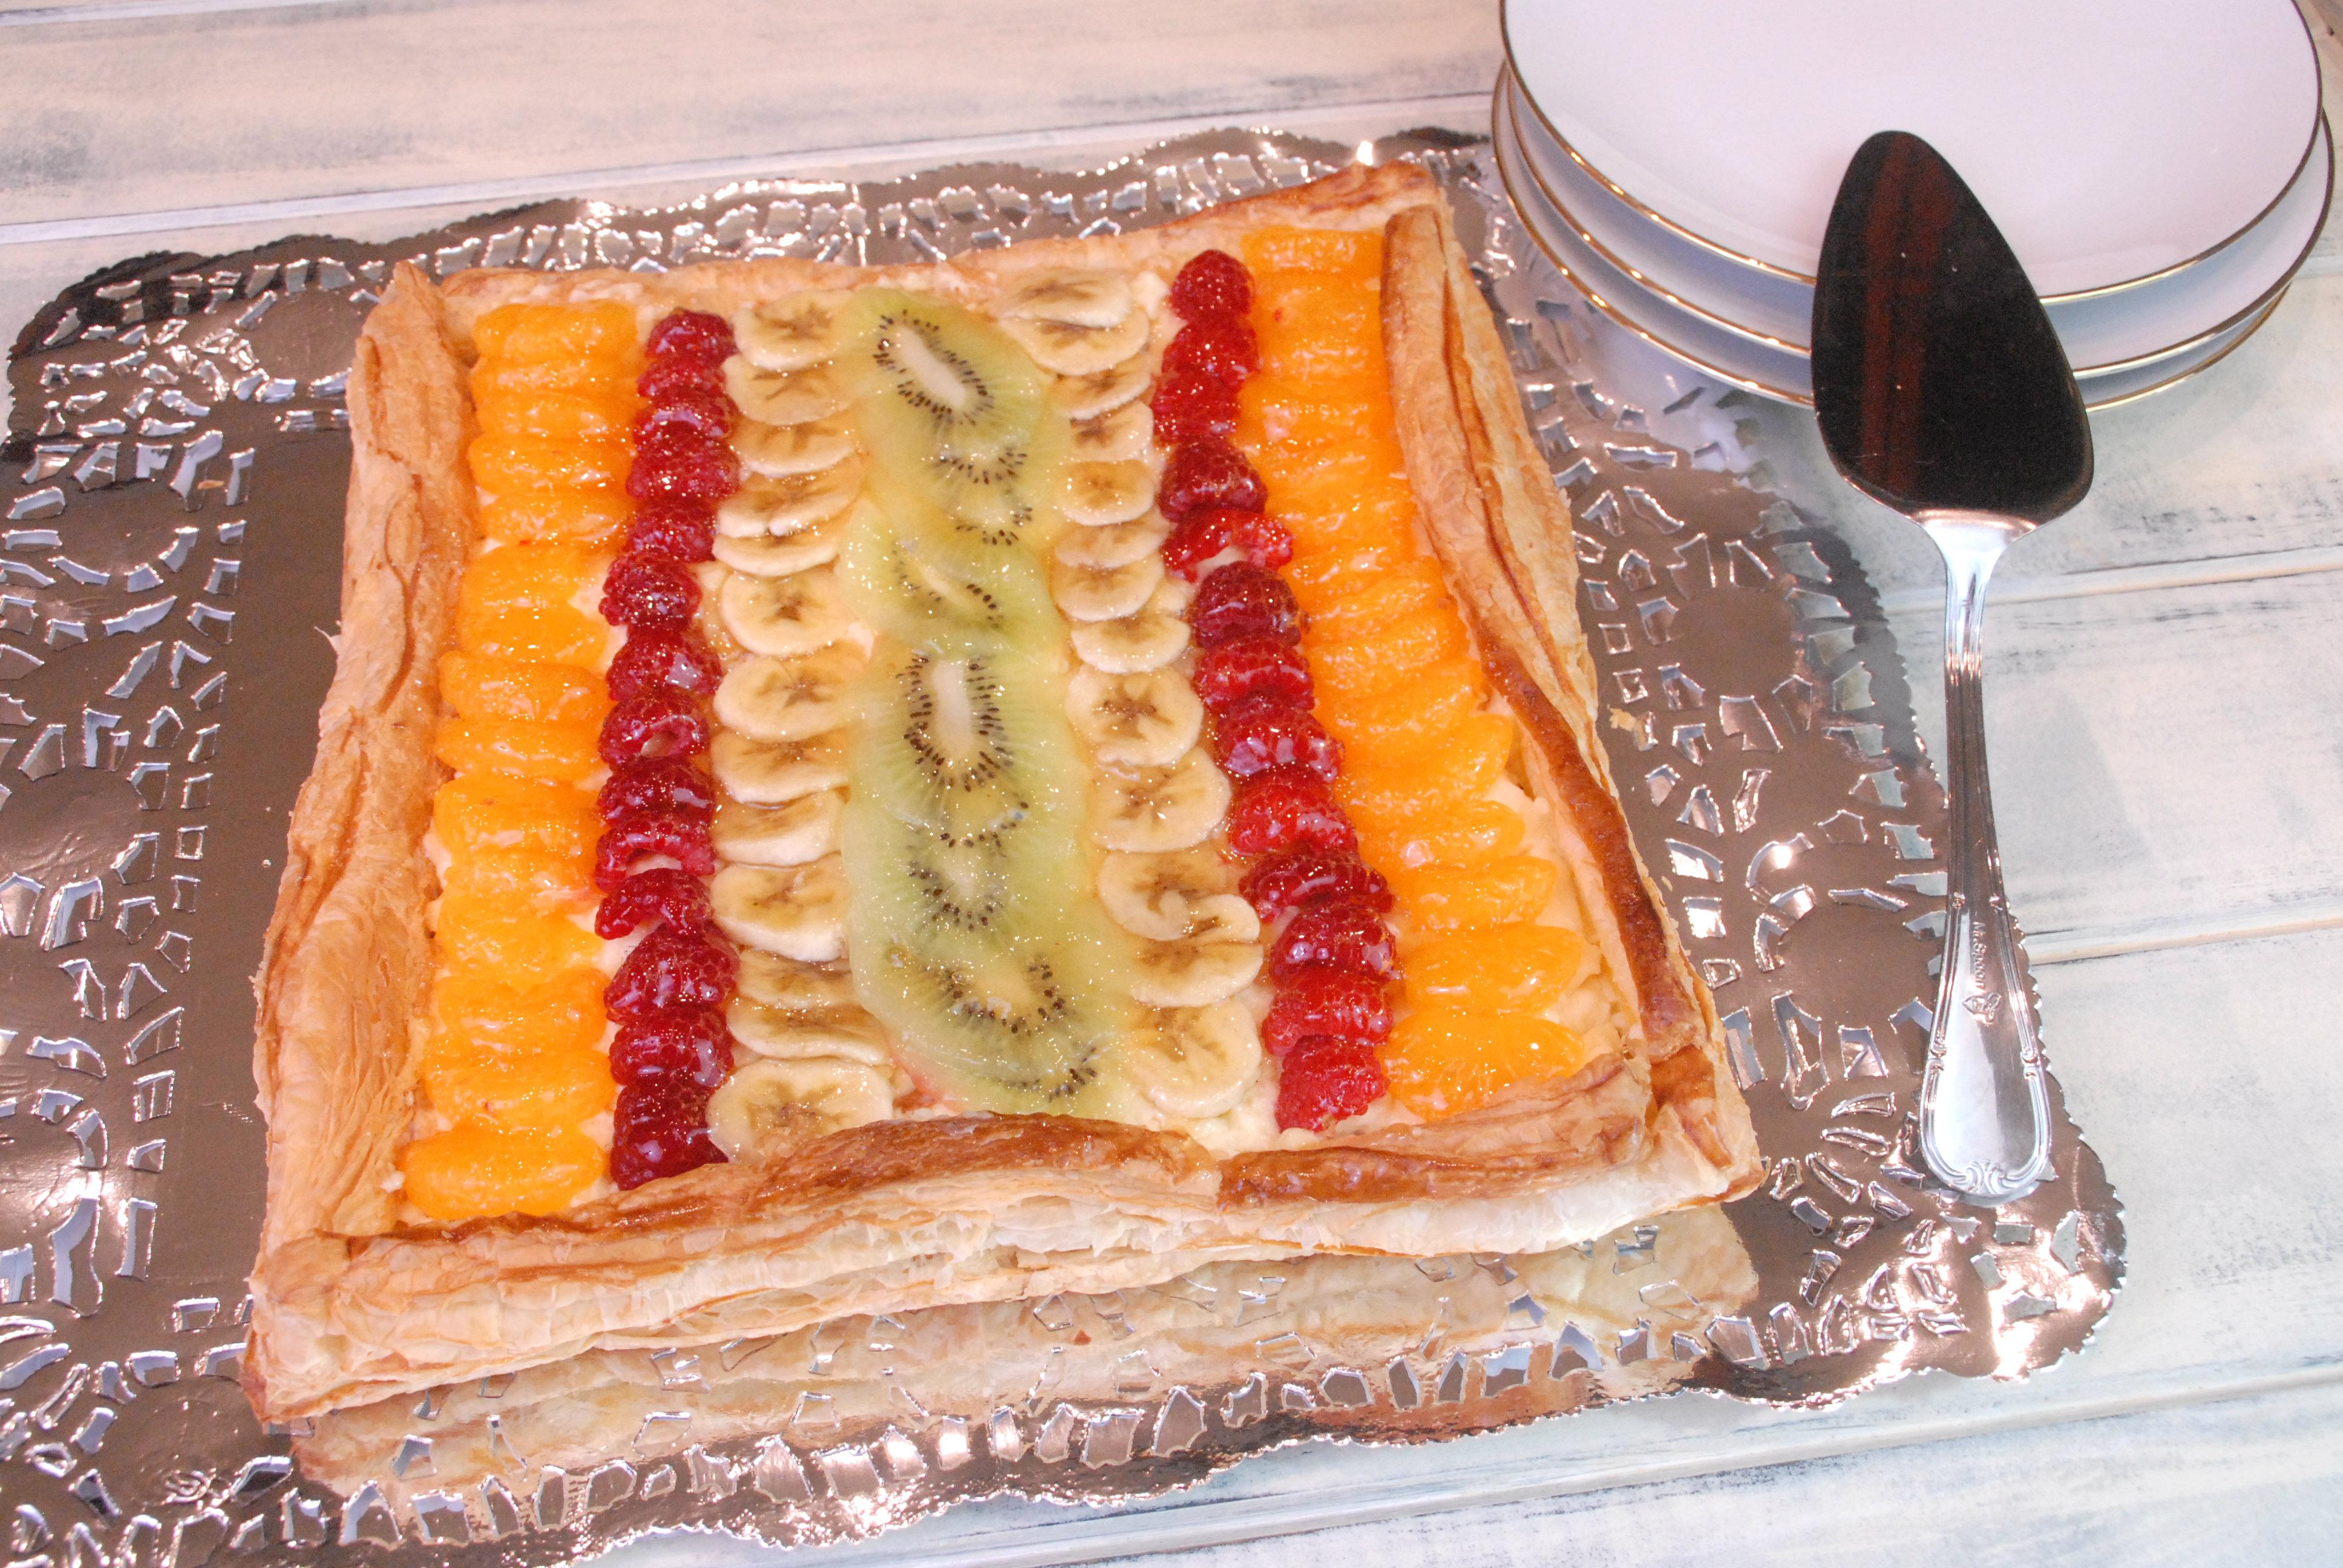 Tarta De Hojaldre Y Frutas Con Crema Pastelera Con Cuchara Y Cucharon